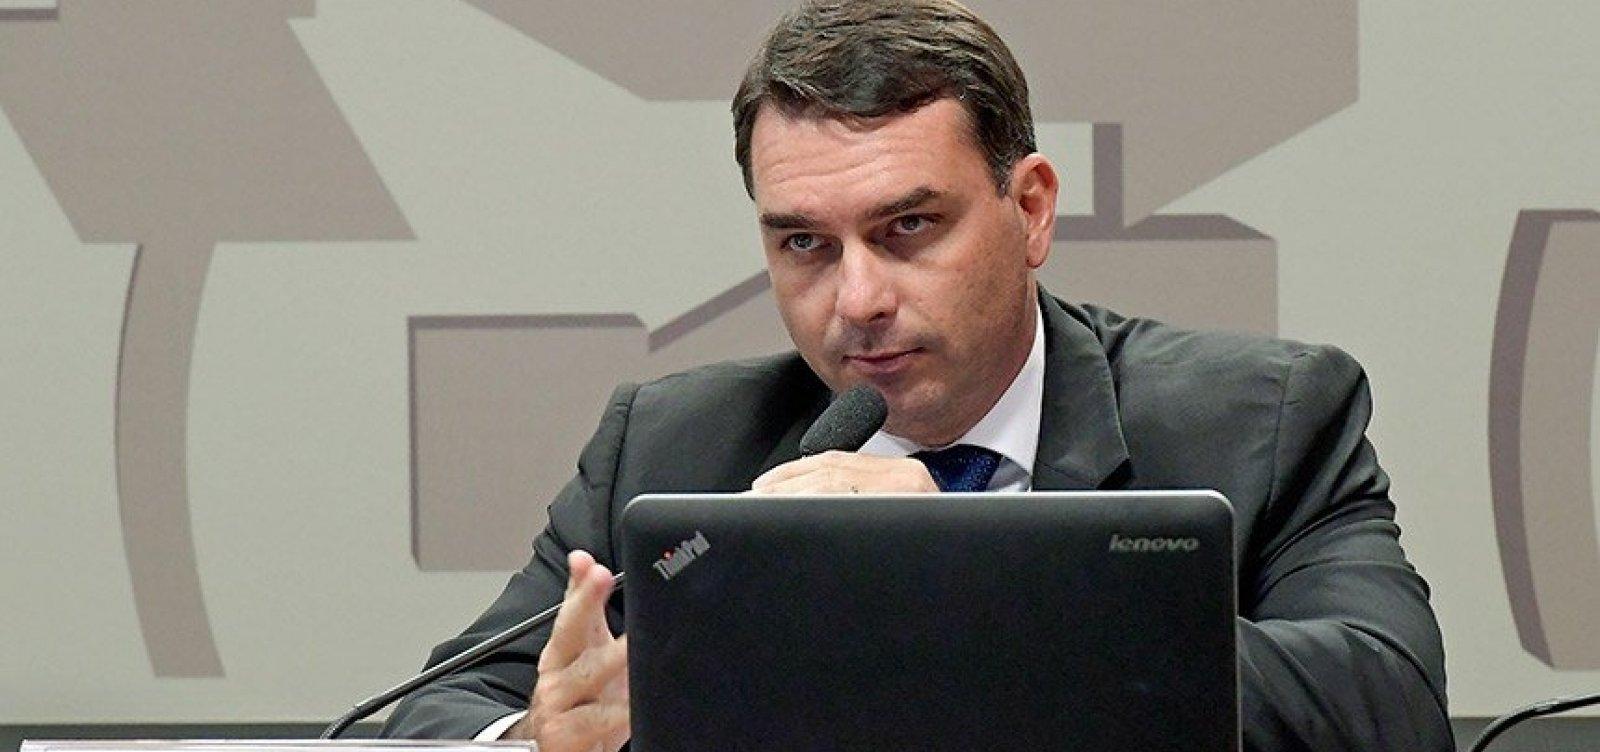 MP vê indícios de lavagem de dinheiro em compra de imóveis por Flávio Bolsonaro